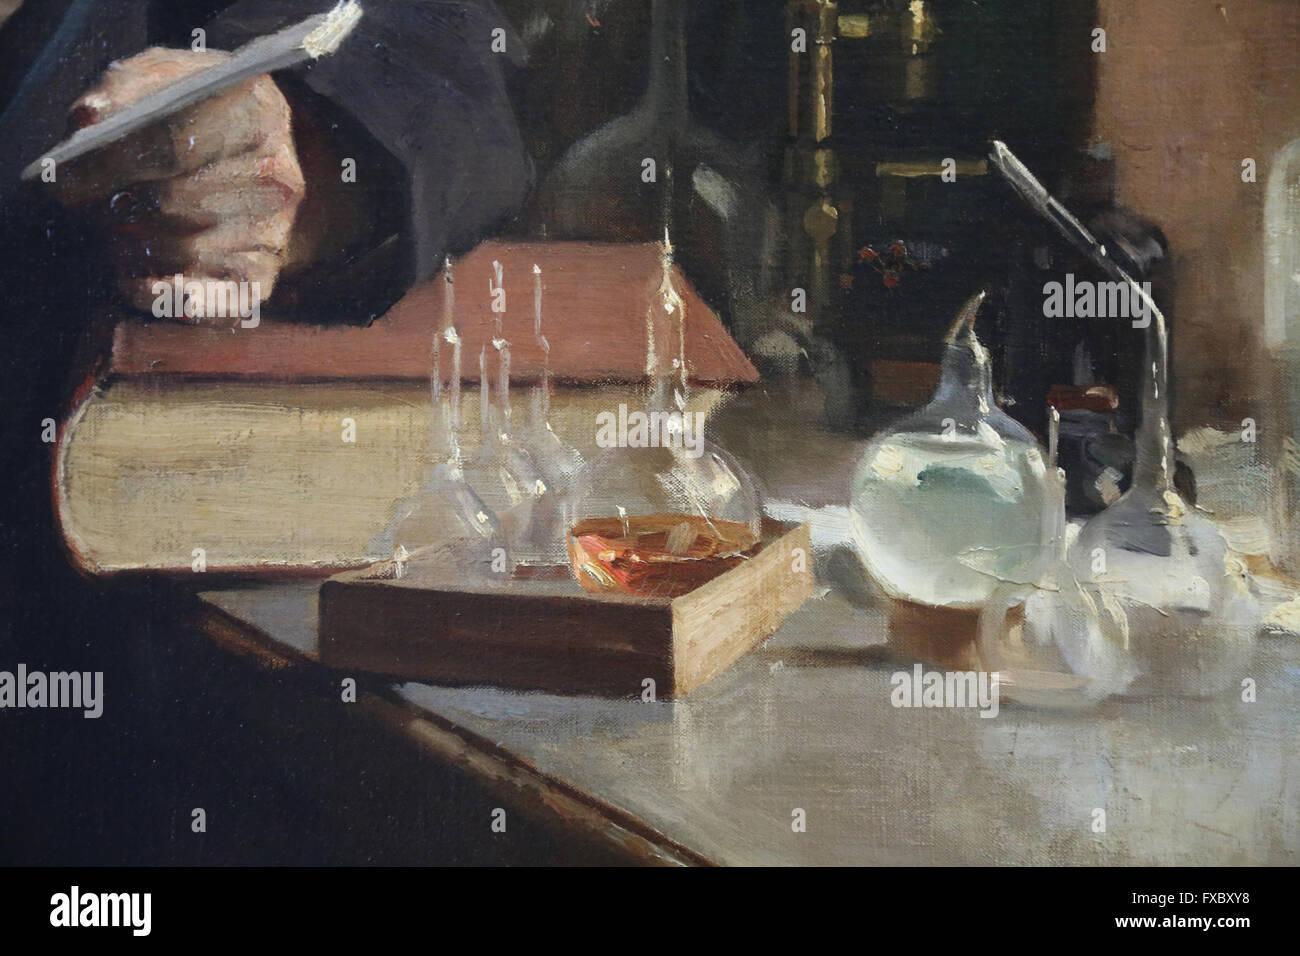 Louis Pasteur. Portrait, 1885 by painter Albert Edelfelt (1854-1905). Oil on canvas. Detail: Laboratory material. - Stock Image